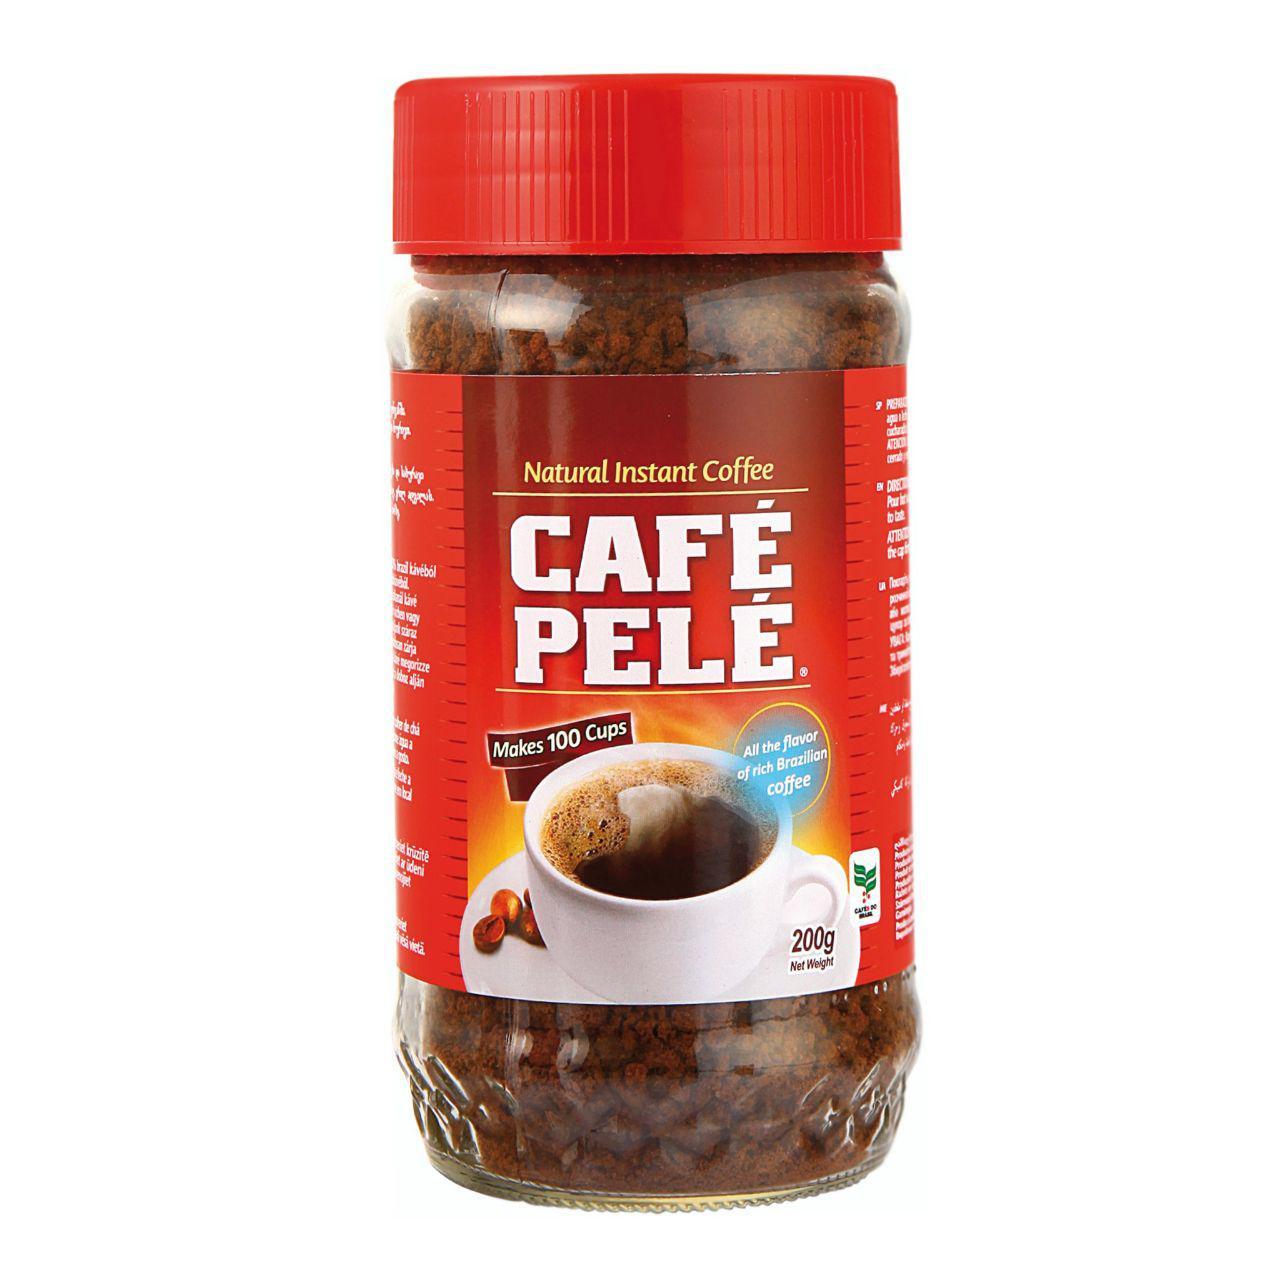 قهوه فوری کافه پله مدل lares مقدار ۲۰۰ گرم